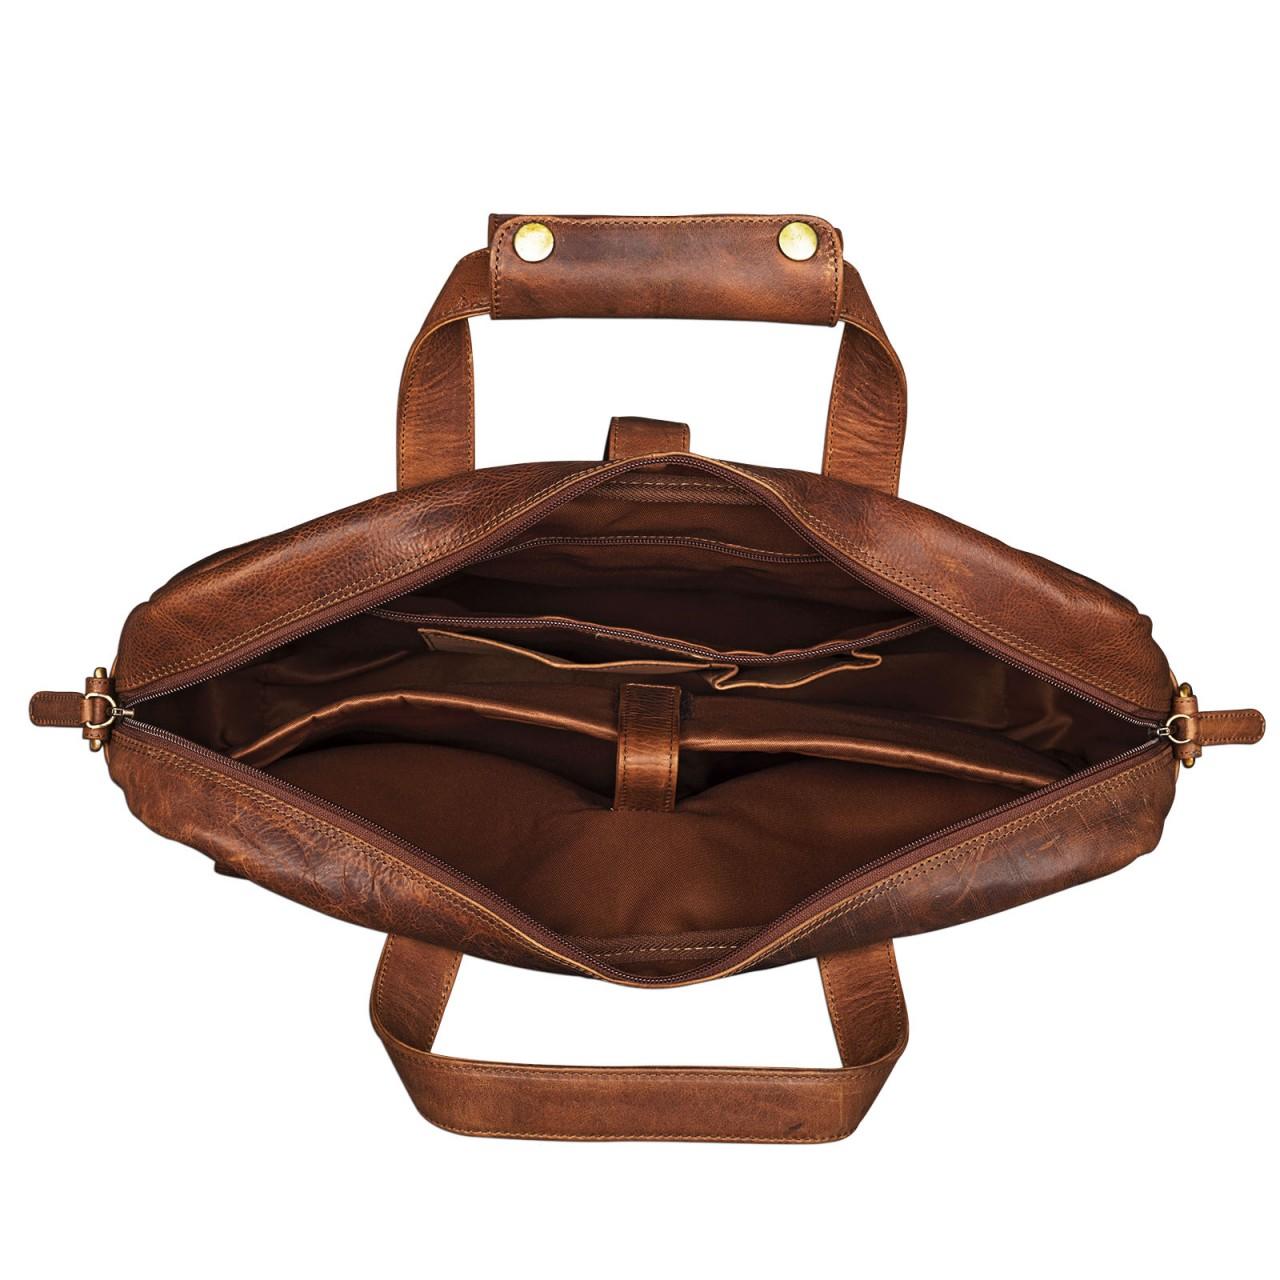 """STILORD """"Michael"""" Lehrertasche Leder Vintage Leder Laptoptasche 15,6 Zoll groß Büro Uni Herren Damen Rindsleder - Bild 12"""